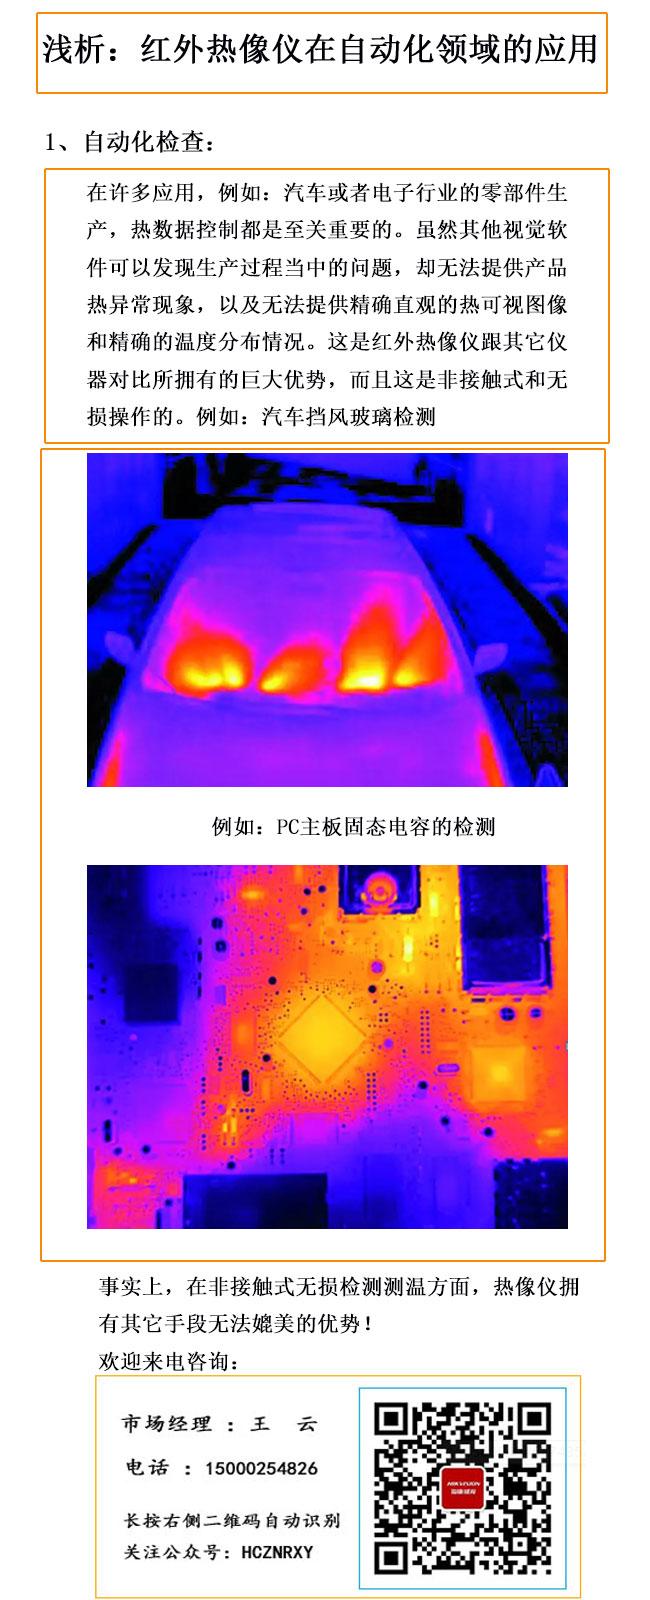 红外热像仪自动化应用-1.jpg